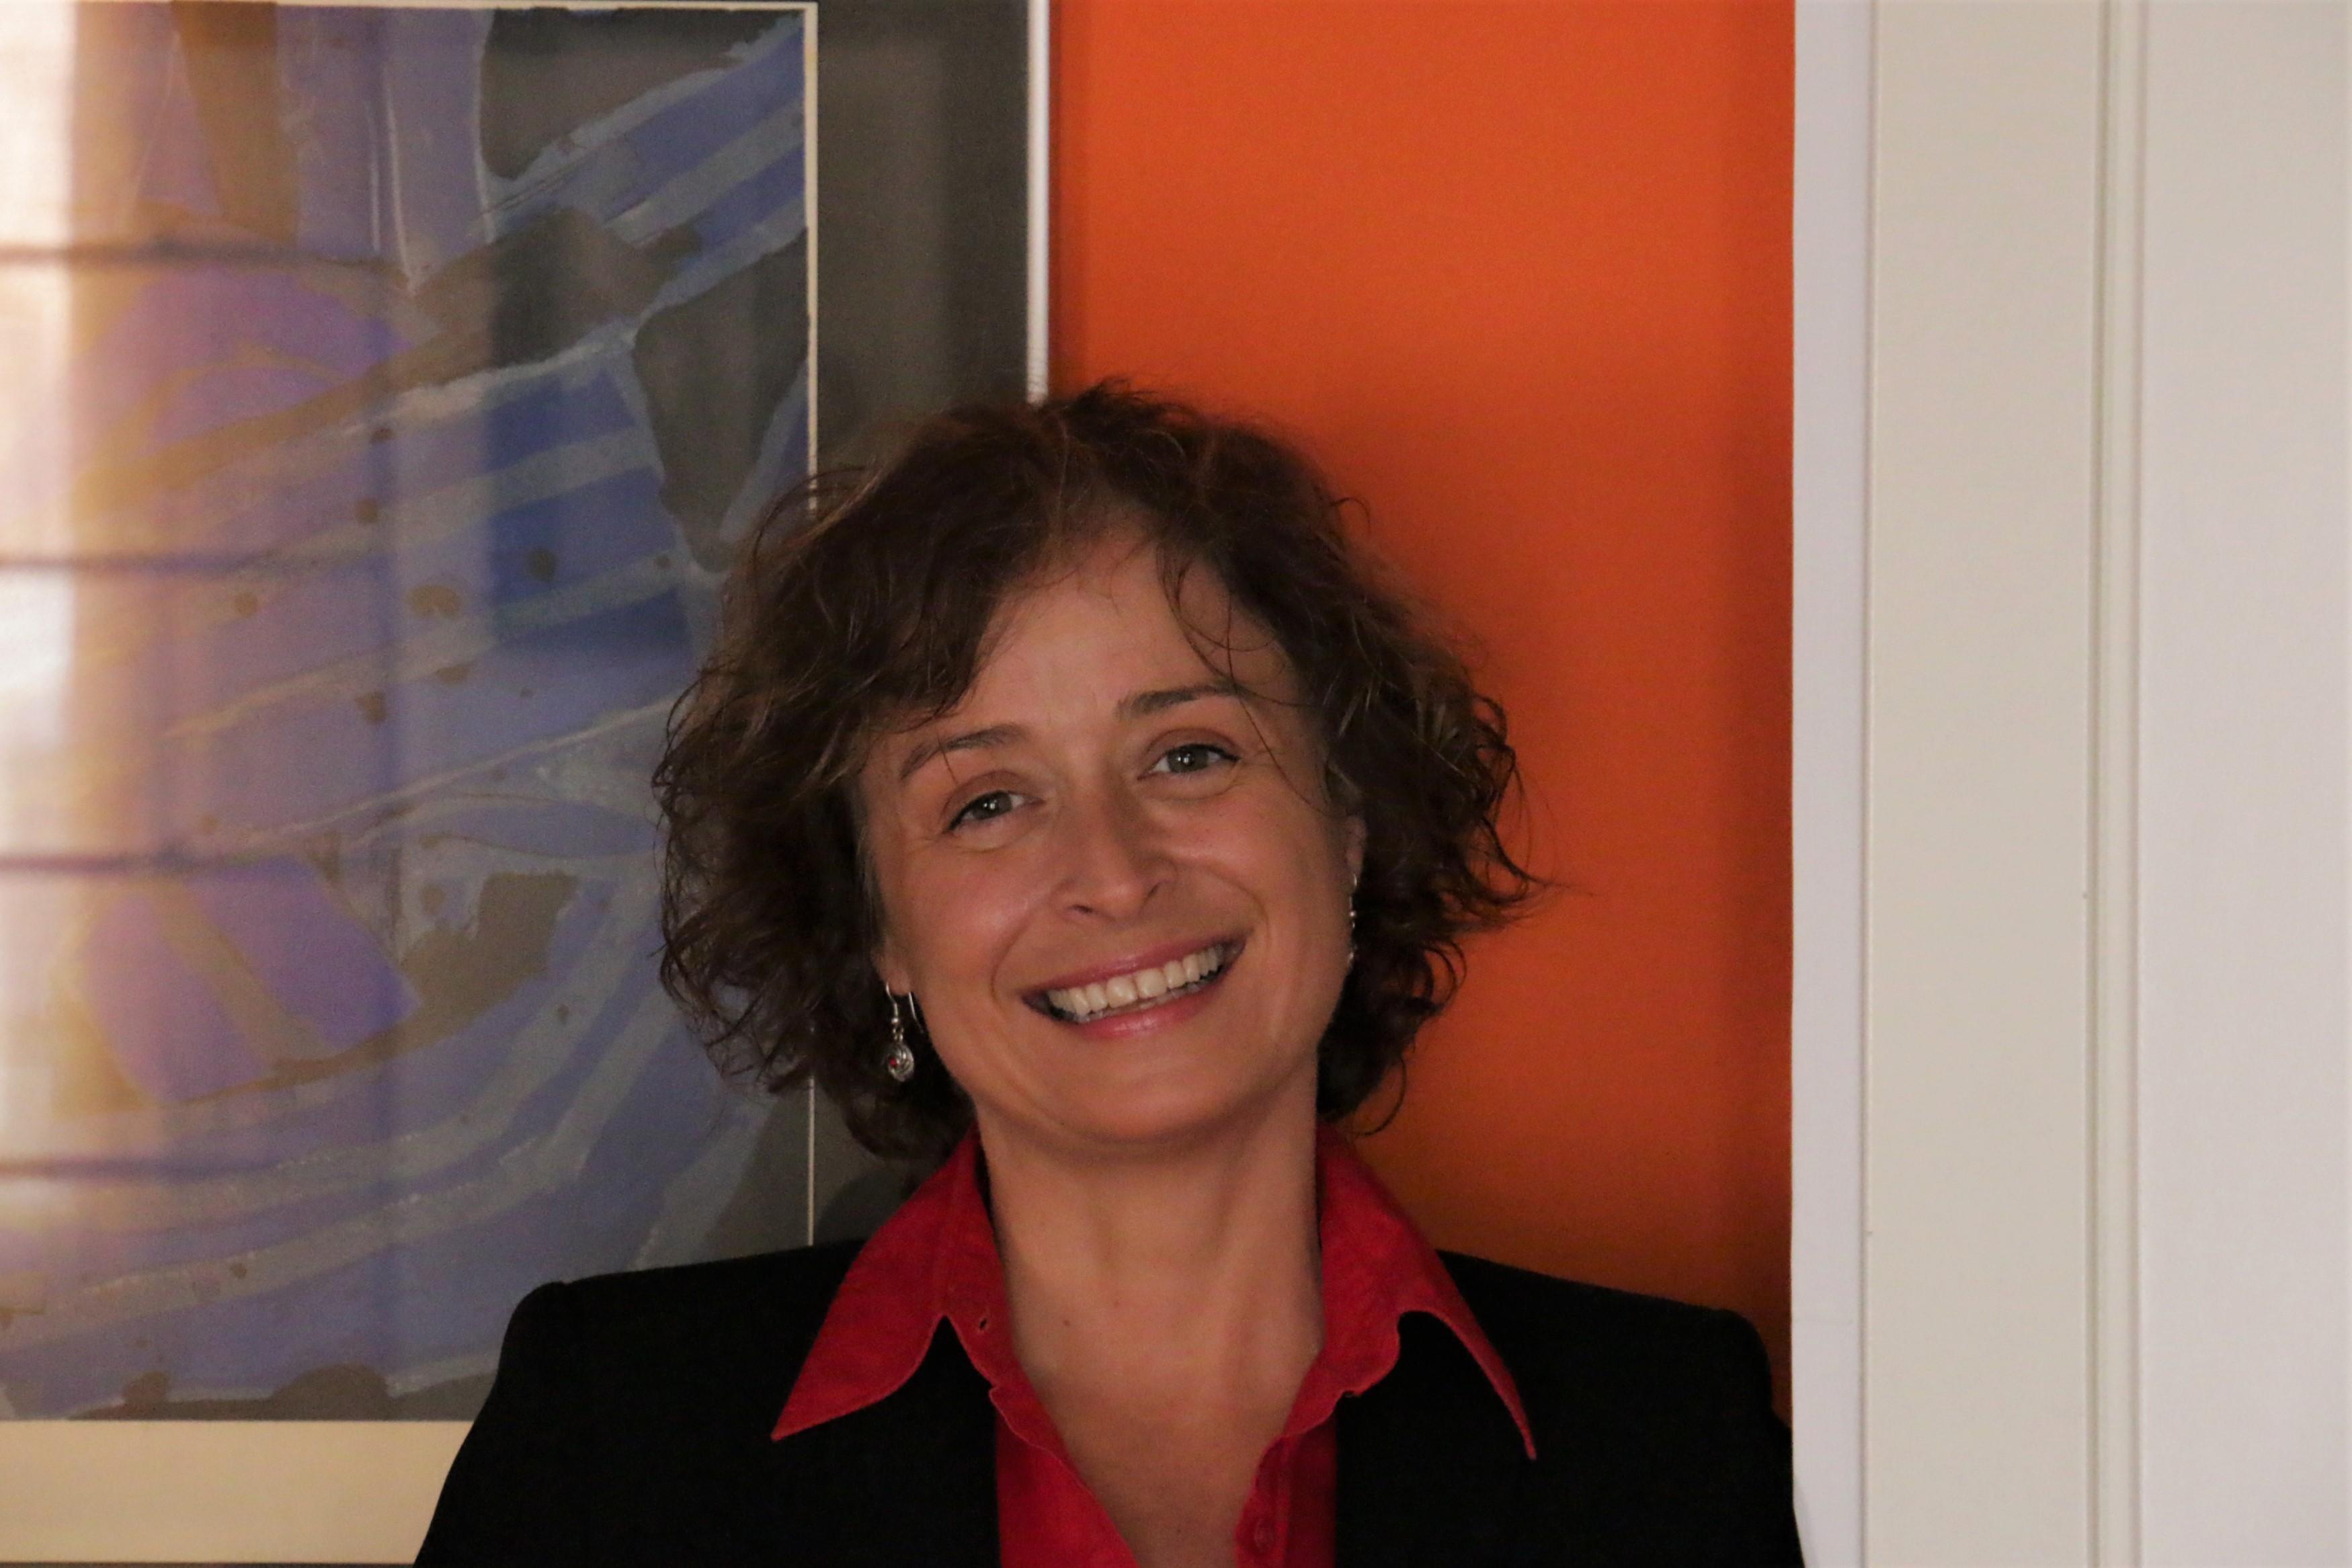 consultora artesanal en seguridad y salud - Silvia Oceransky